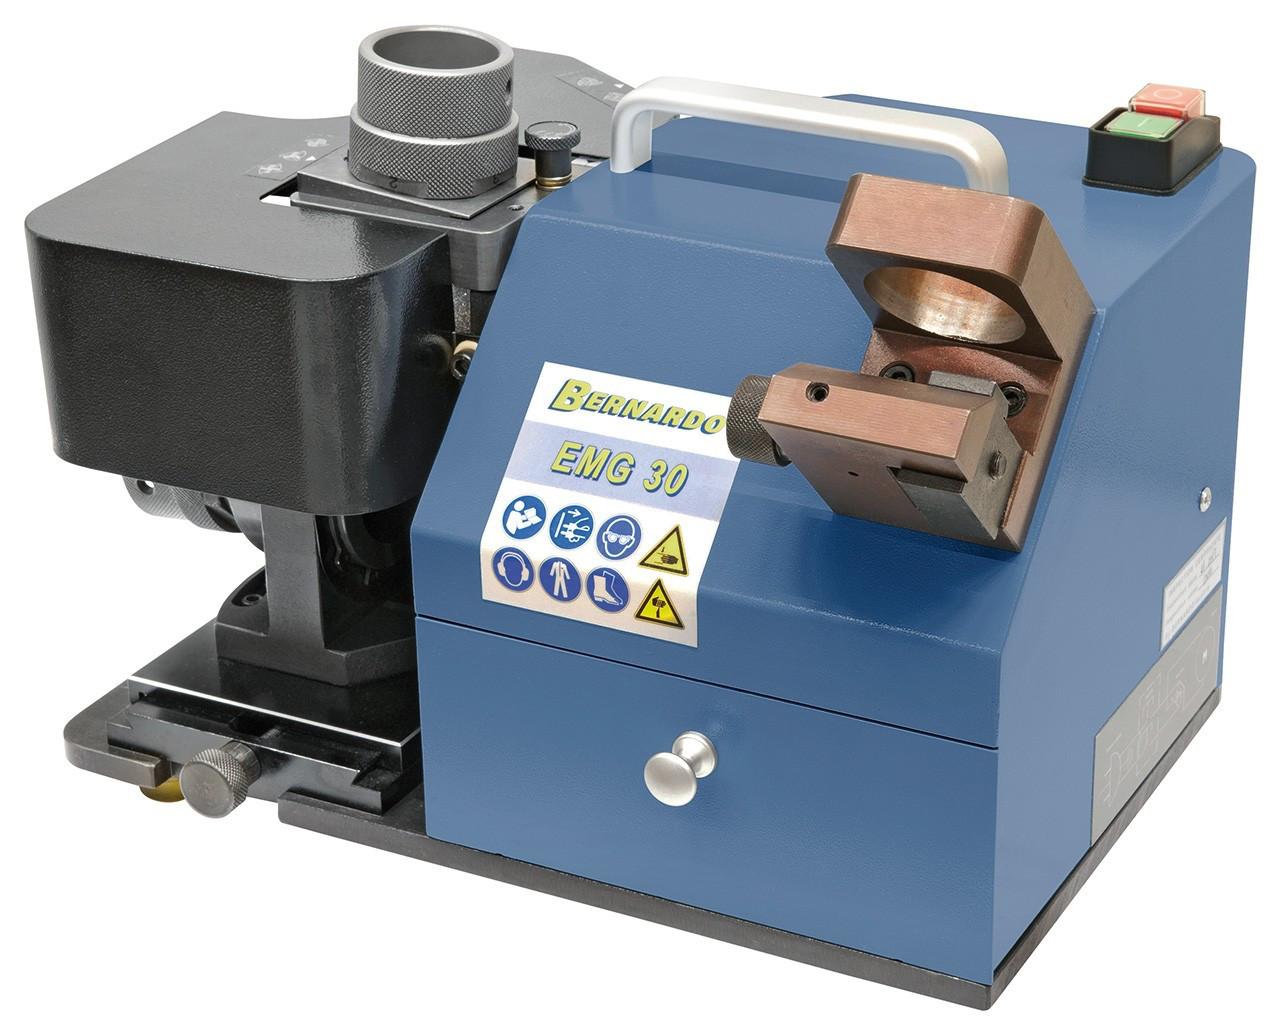 EMG30 станок для заточки концевых фрез по металлу| заточной станок для заточки фрез Bernardo Австрия